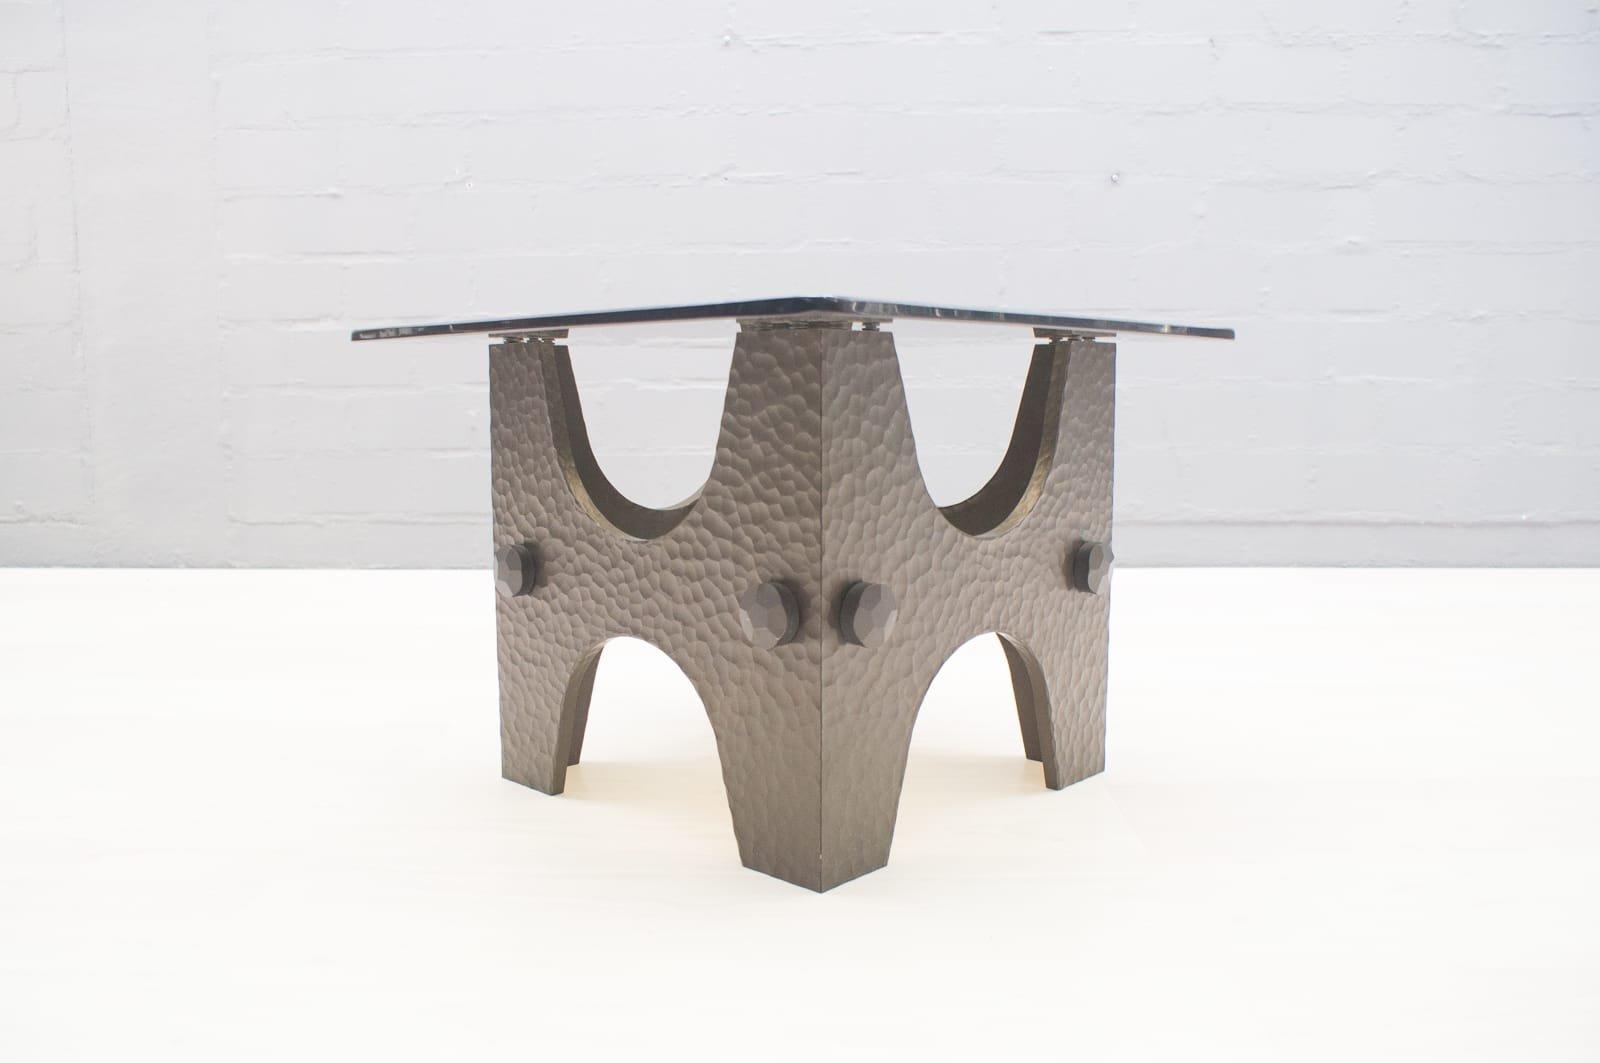 Kleiner Brutalistischer Bronze Hammerschlag Couchtisch, 1960er